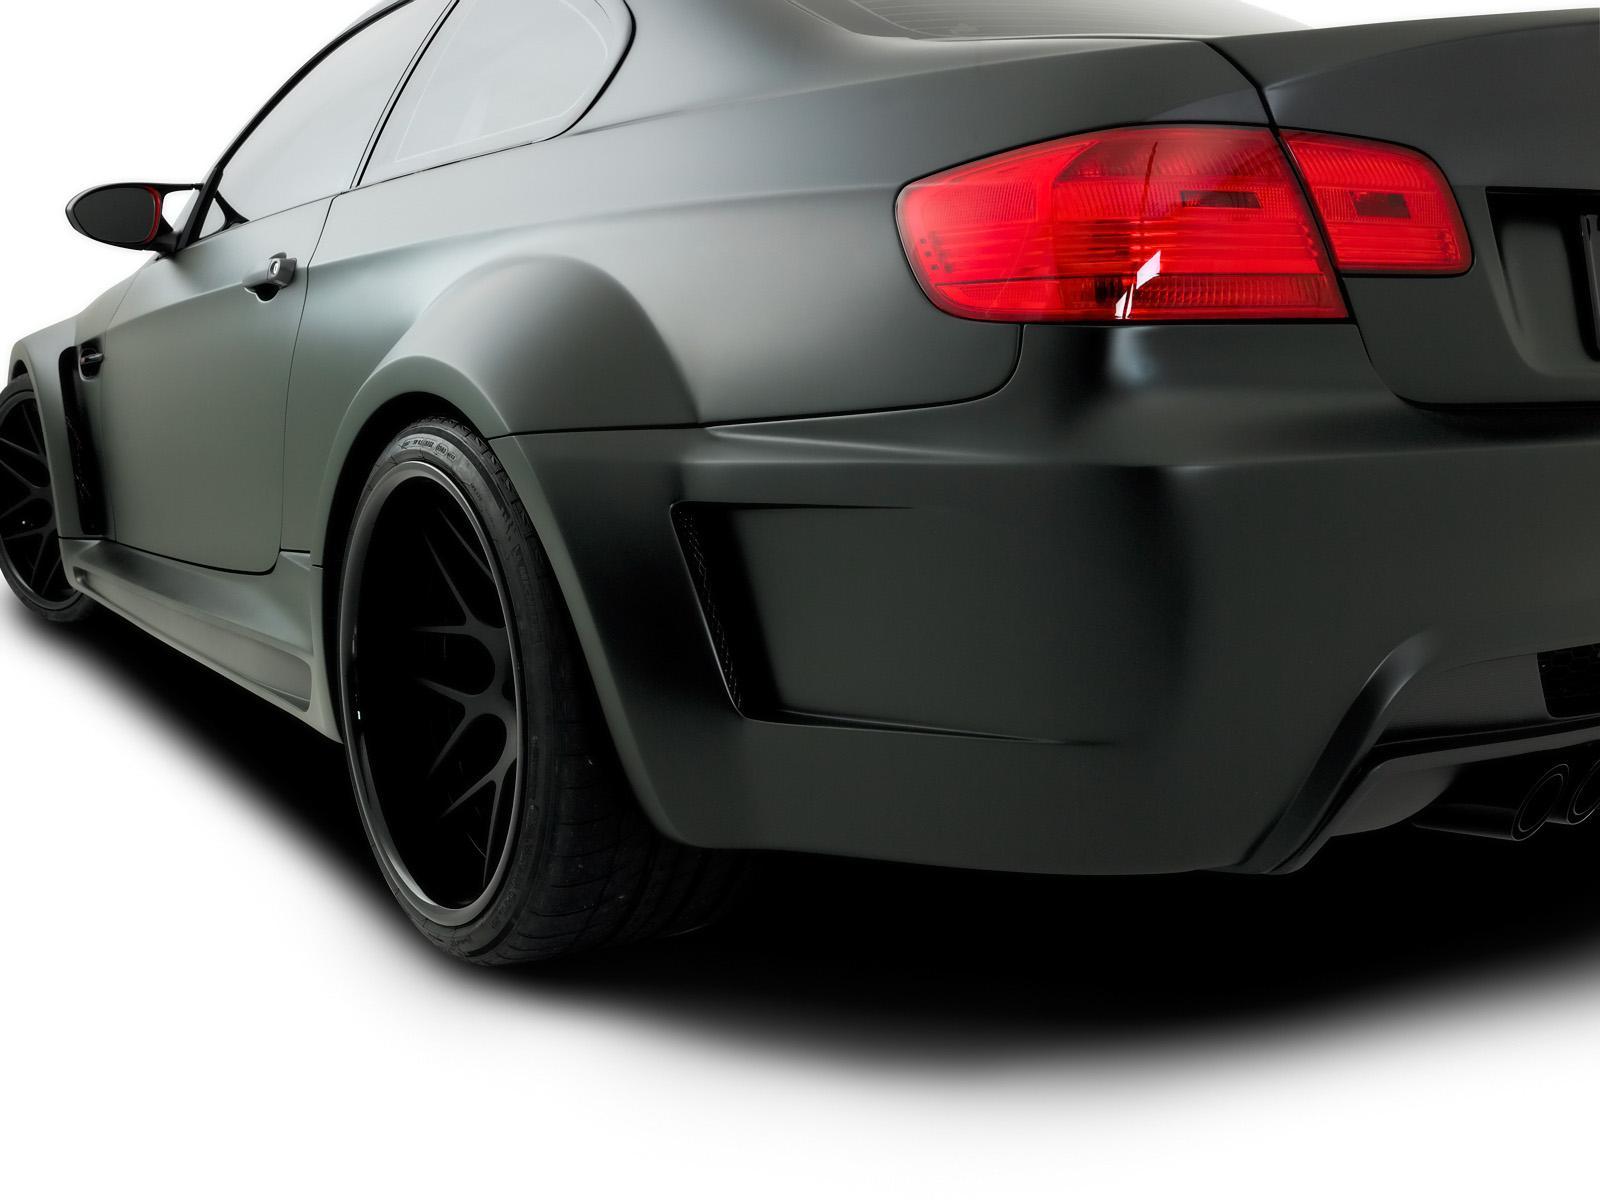 2010 BMW Vorsteiner GTRS3 M3 Widebody Wallpapers [HD ...